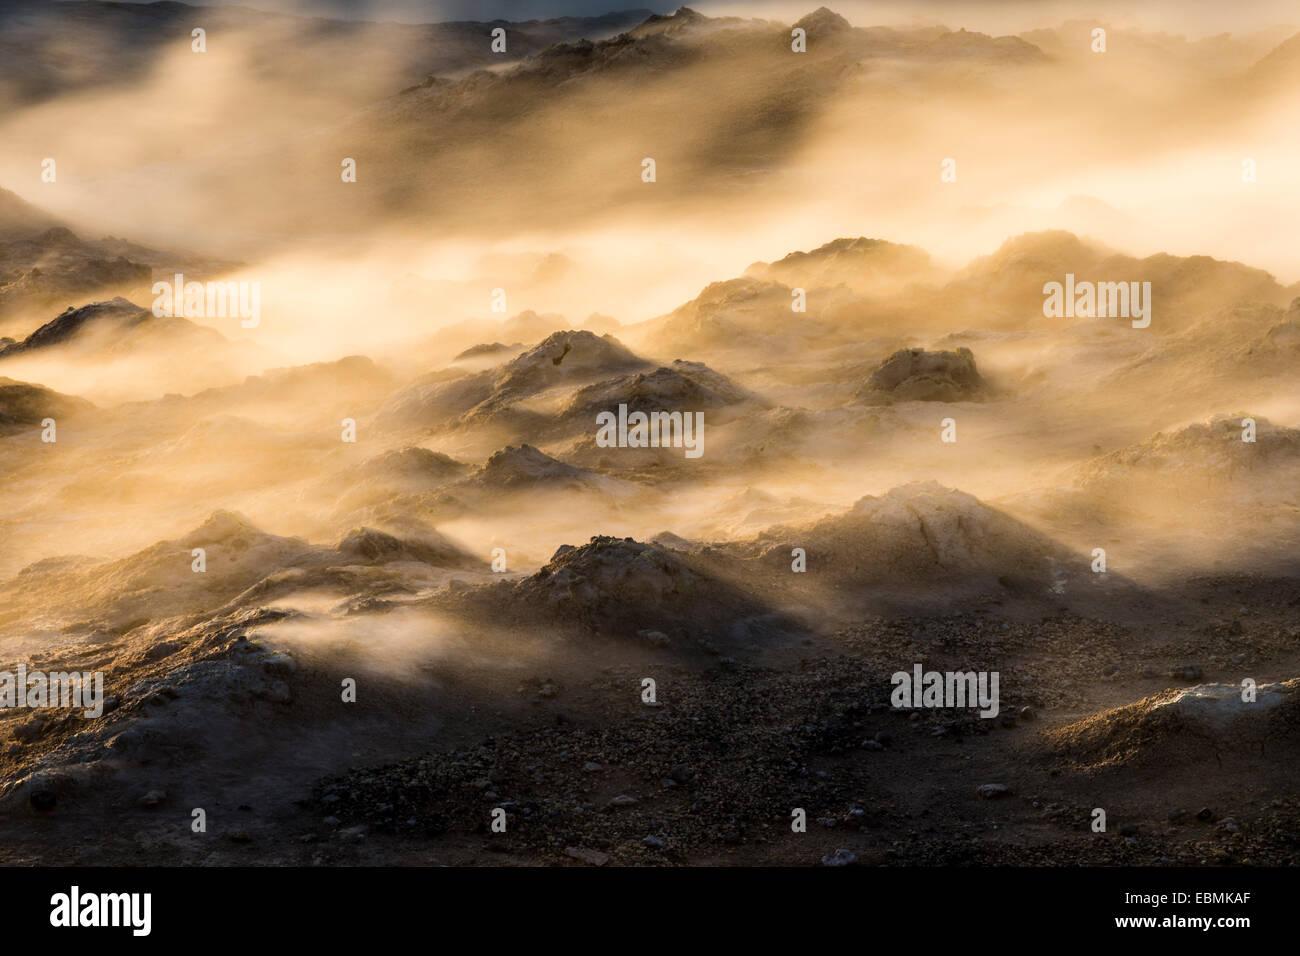 Dampf beleuchtet in der untergehenden Sonne, auf dem Gipfel des Berges Námafjall Hochtemperatur-geothermische Stockbild